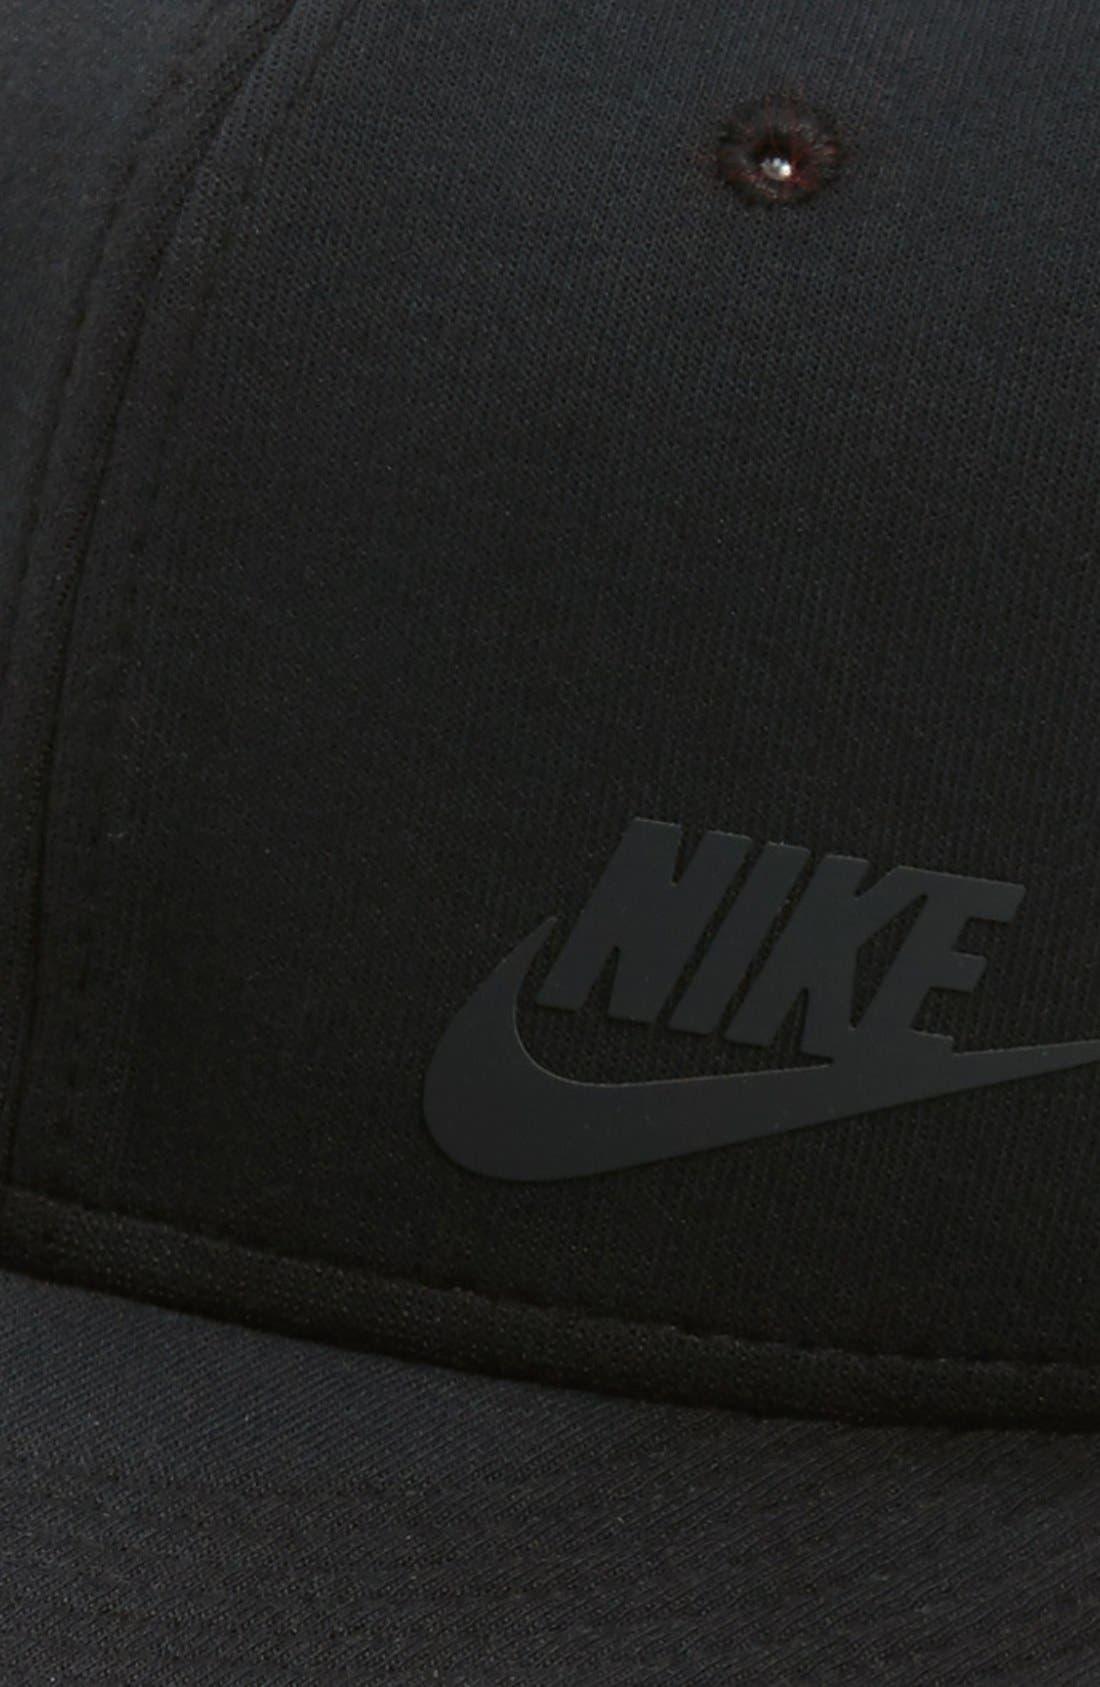 Alternate Image 2  - Nike 'Tech Pack' Trucker Hat